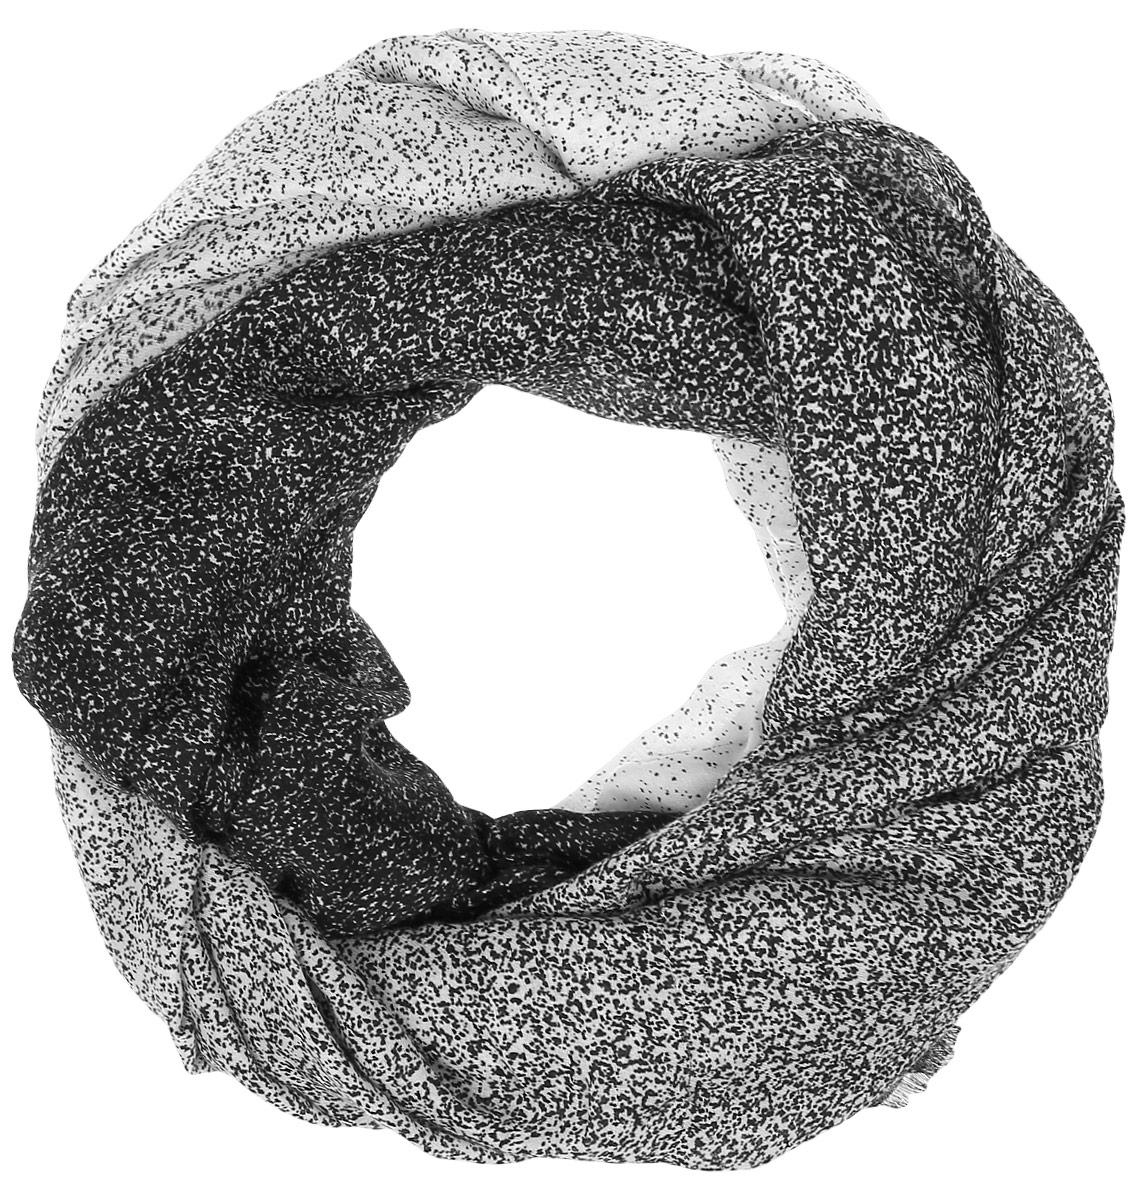 YY-21629-14Теплый женский палантин Sophie Ramage станет достойным завершением вашего образа. Палантин изготовлен из сочетания высококачественных материалов модала и шерсти. Модель оформлена контрастным принтом.